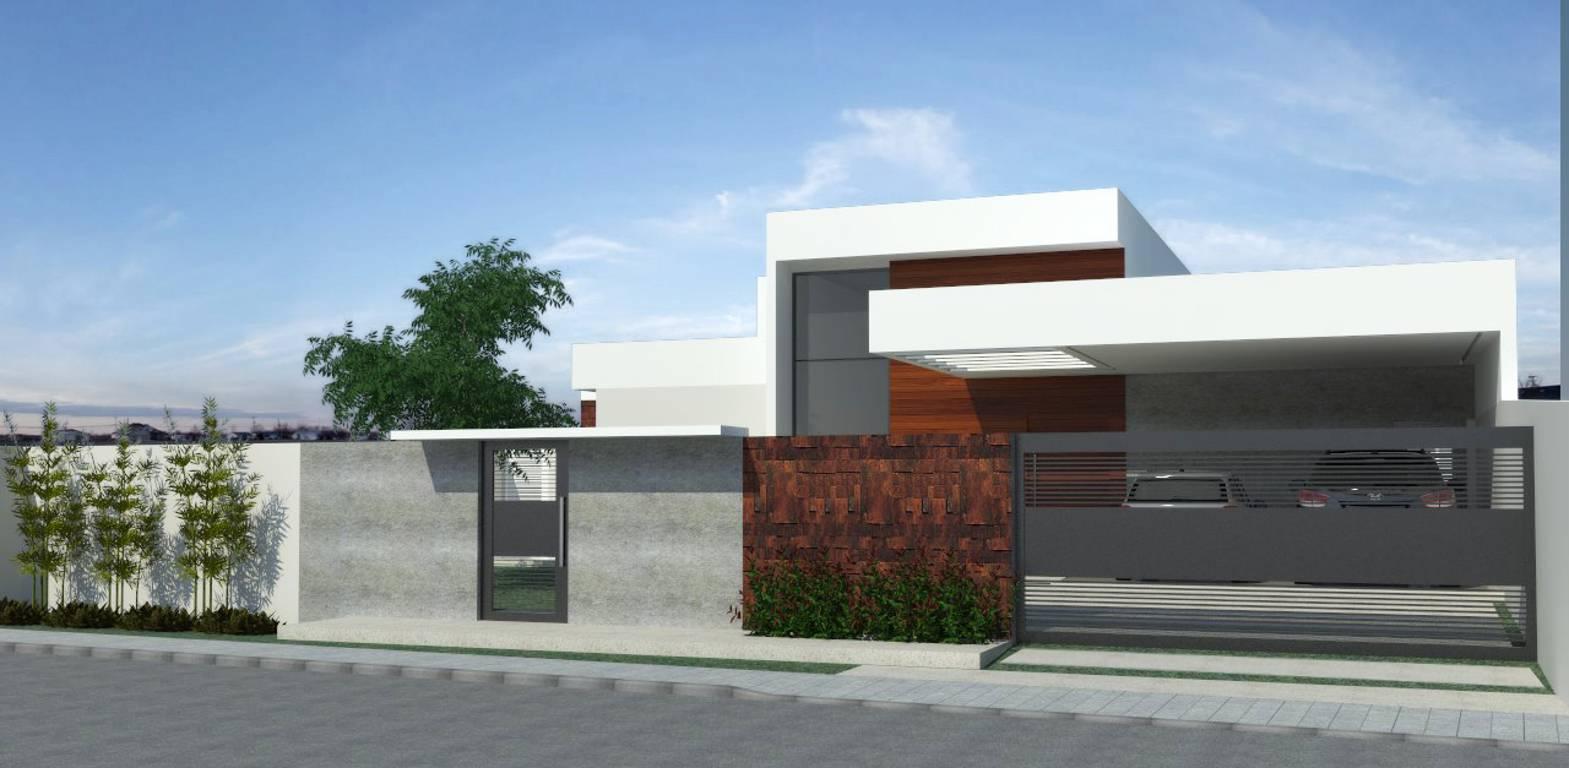 Neste projeto criamos a sensação de volume a partir da variação de planos dos telhado.